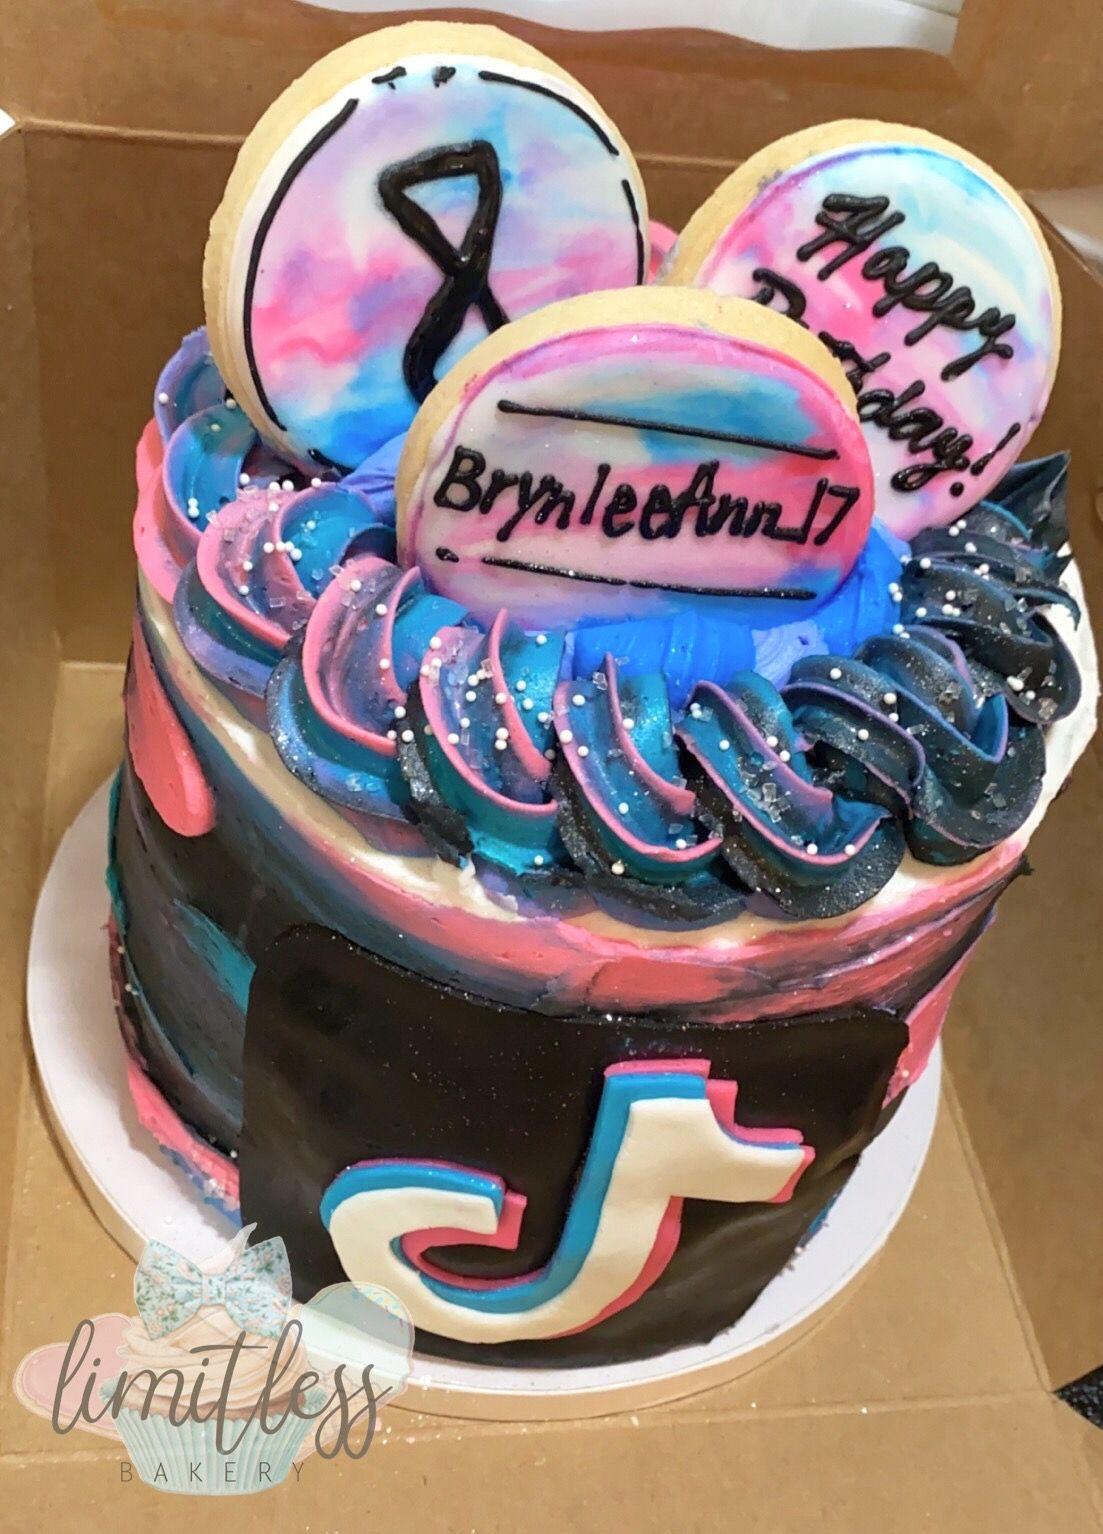 Tiktok Themed Birthday Cake Themed Birthday Cakes Unique Birthday Cakes Birthday Cake